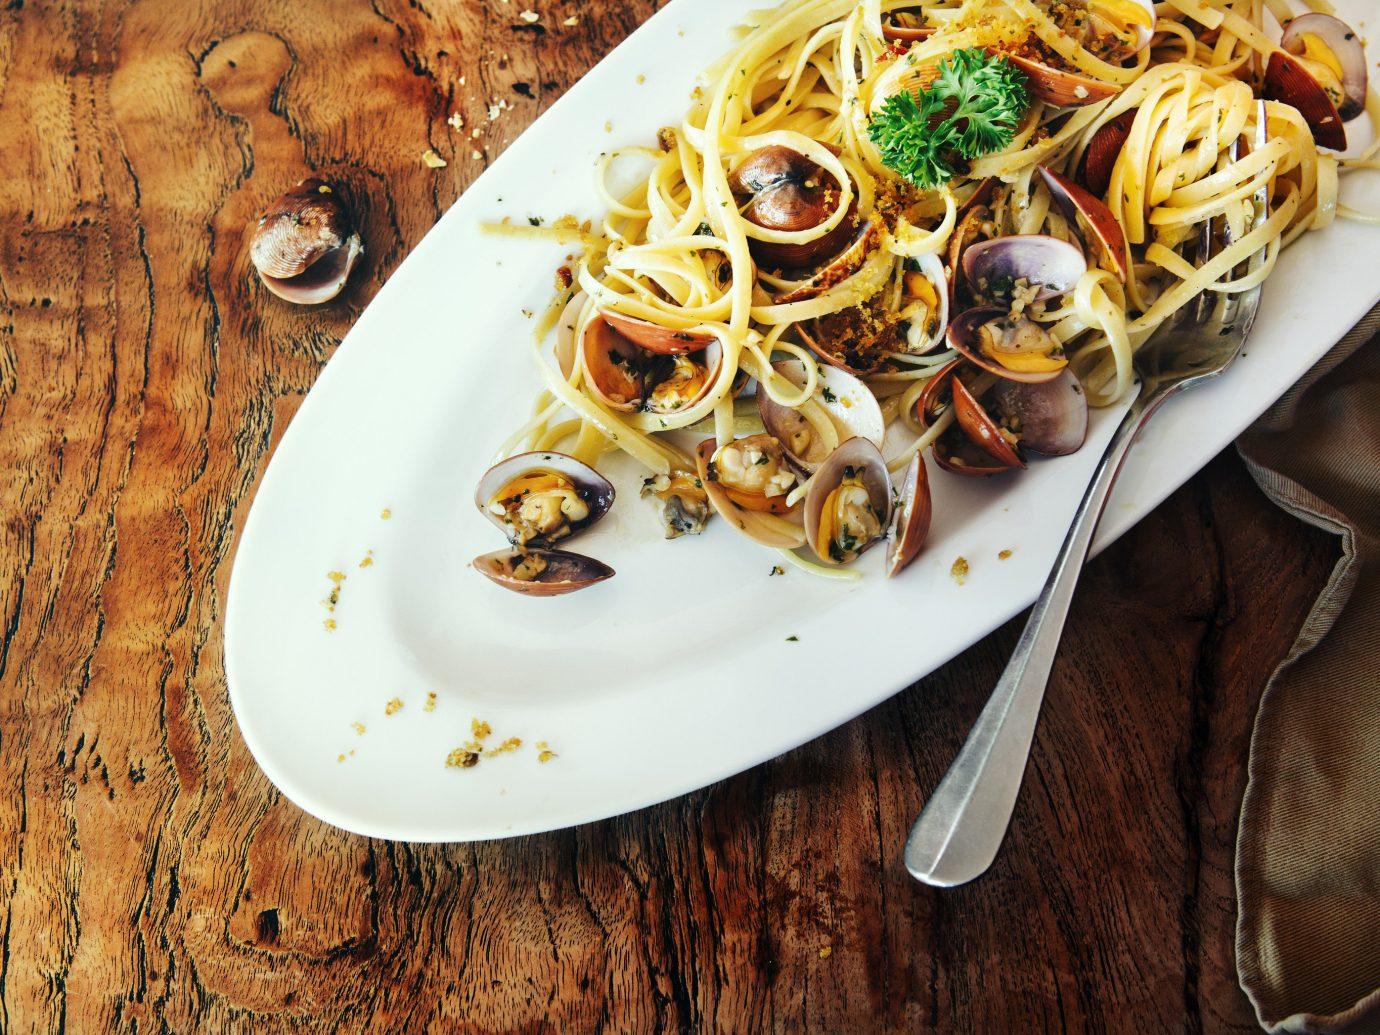 Trip Ideas plate food dish spaghetti cuisine produce vegetable italian food meal